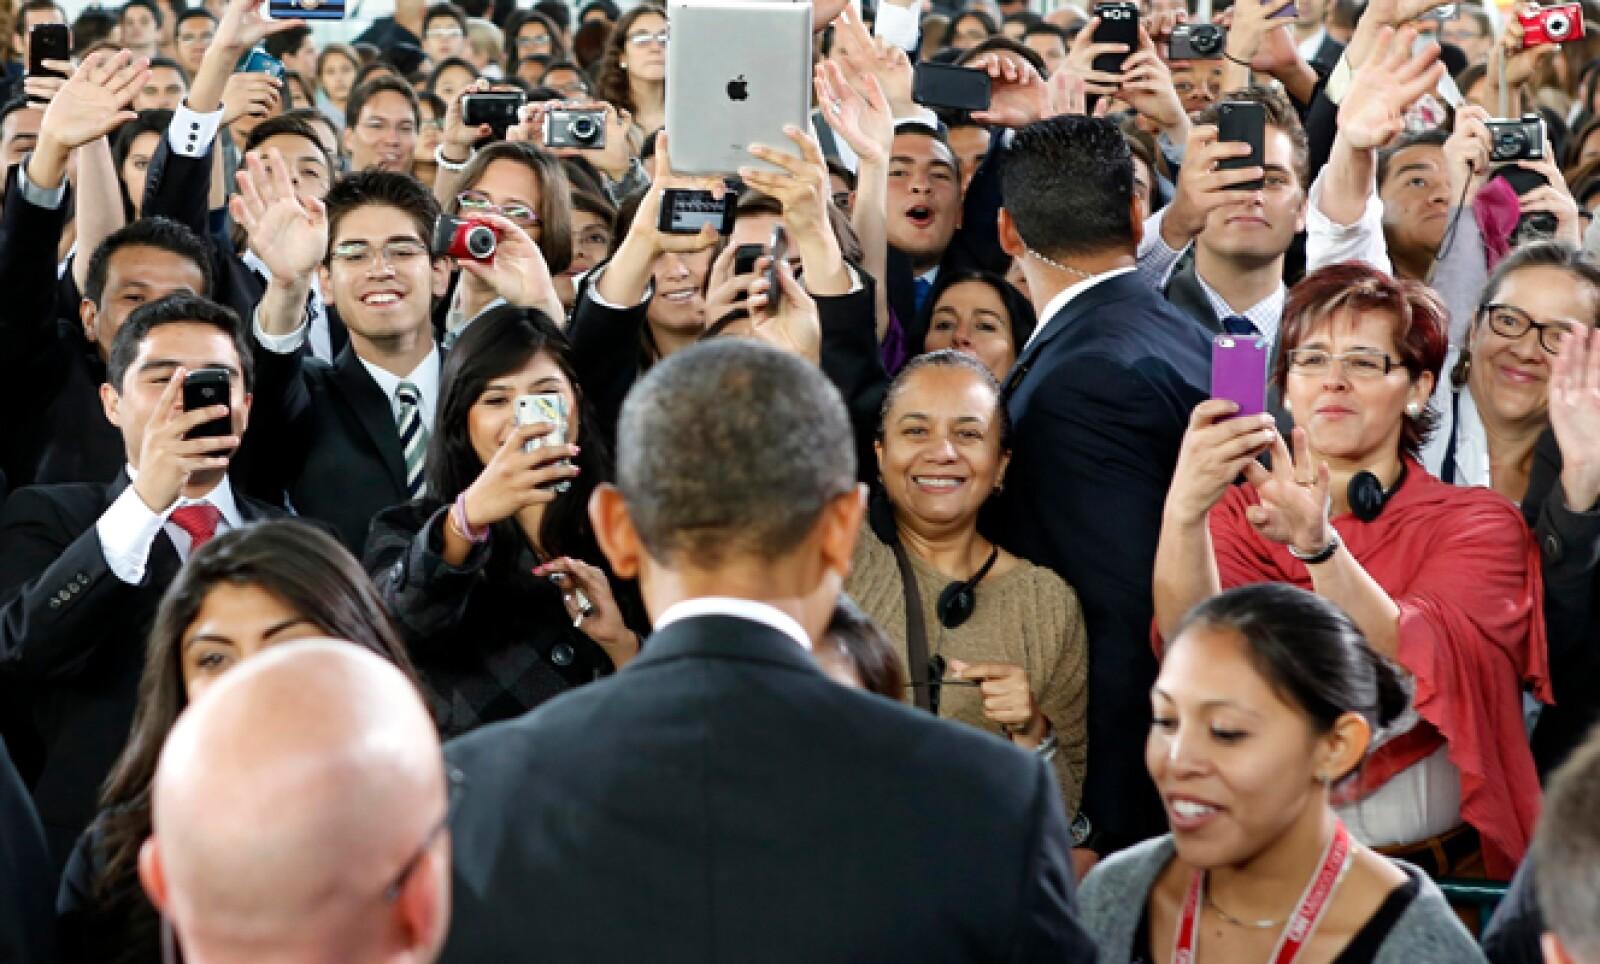 El presidente Barack Obama terminó su gira por México tras dictar un discurso ante estudiantes y académicos en el Museo de Antropología